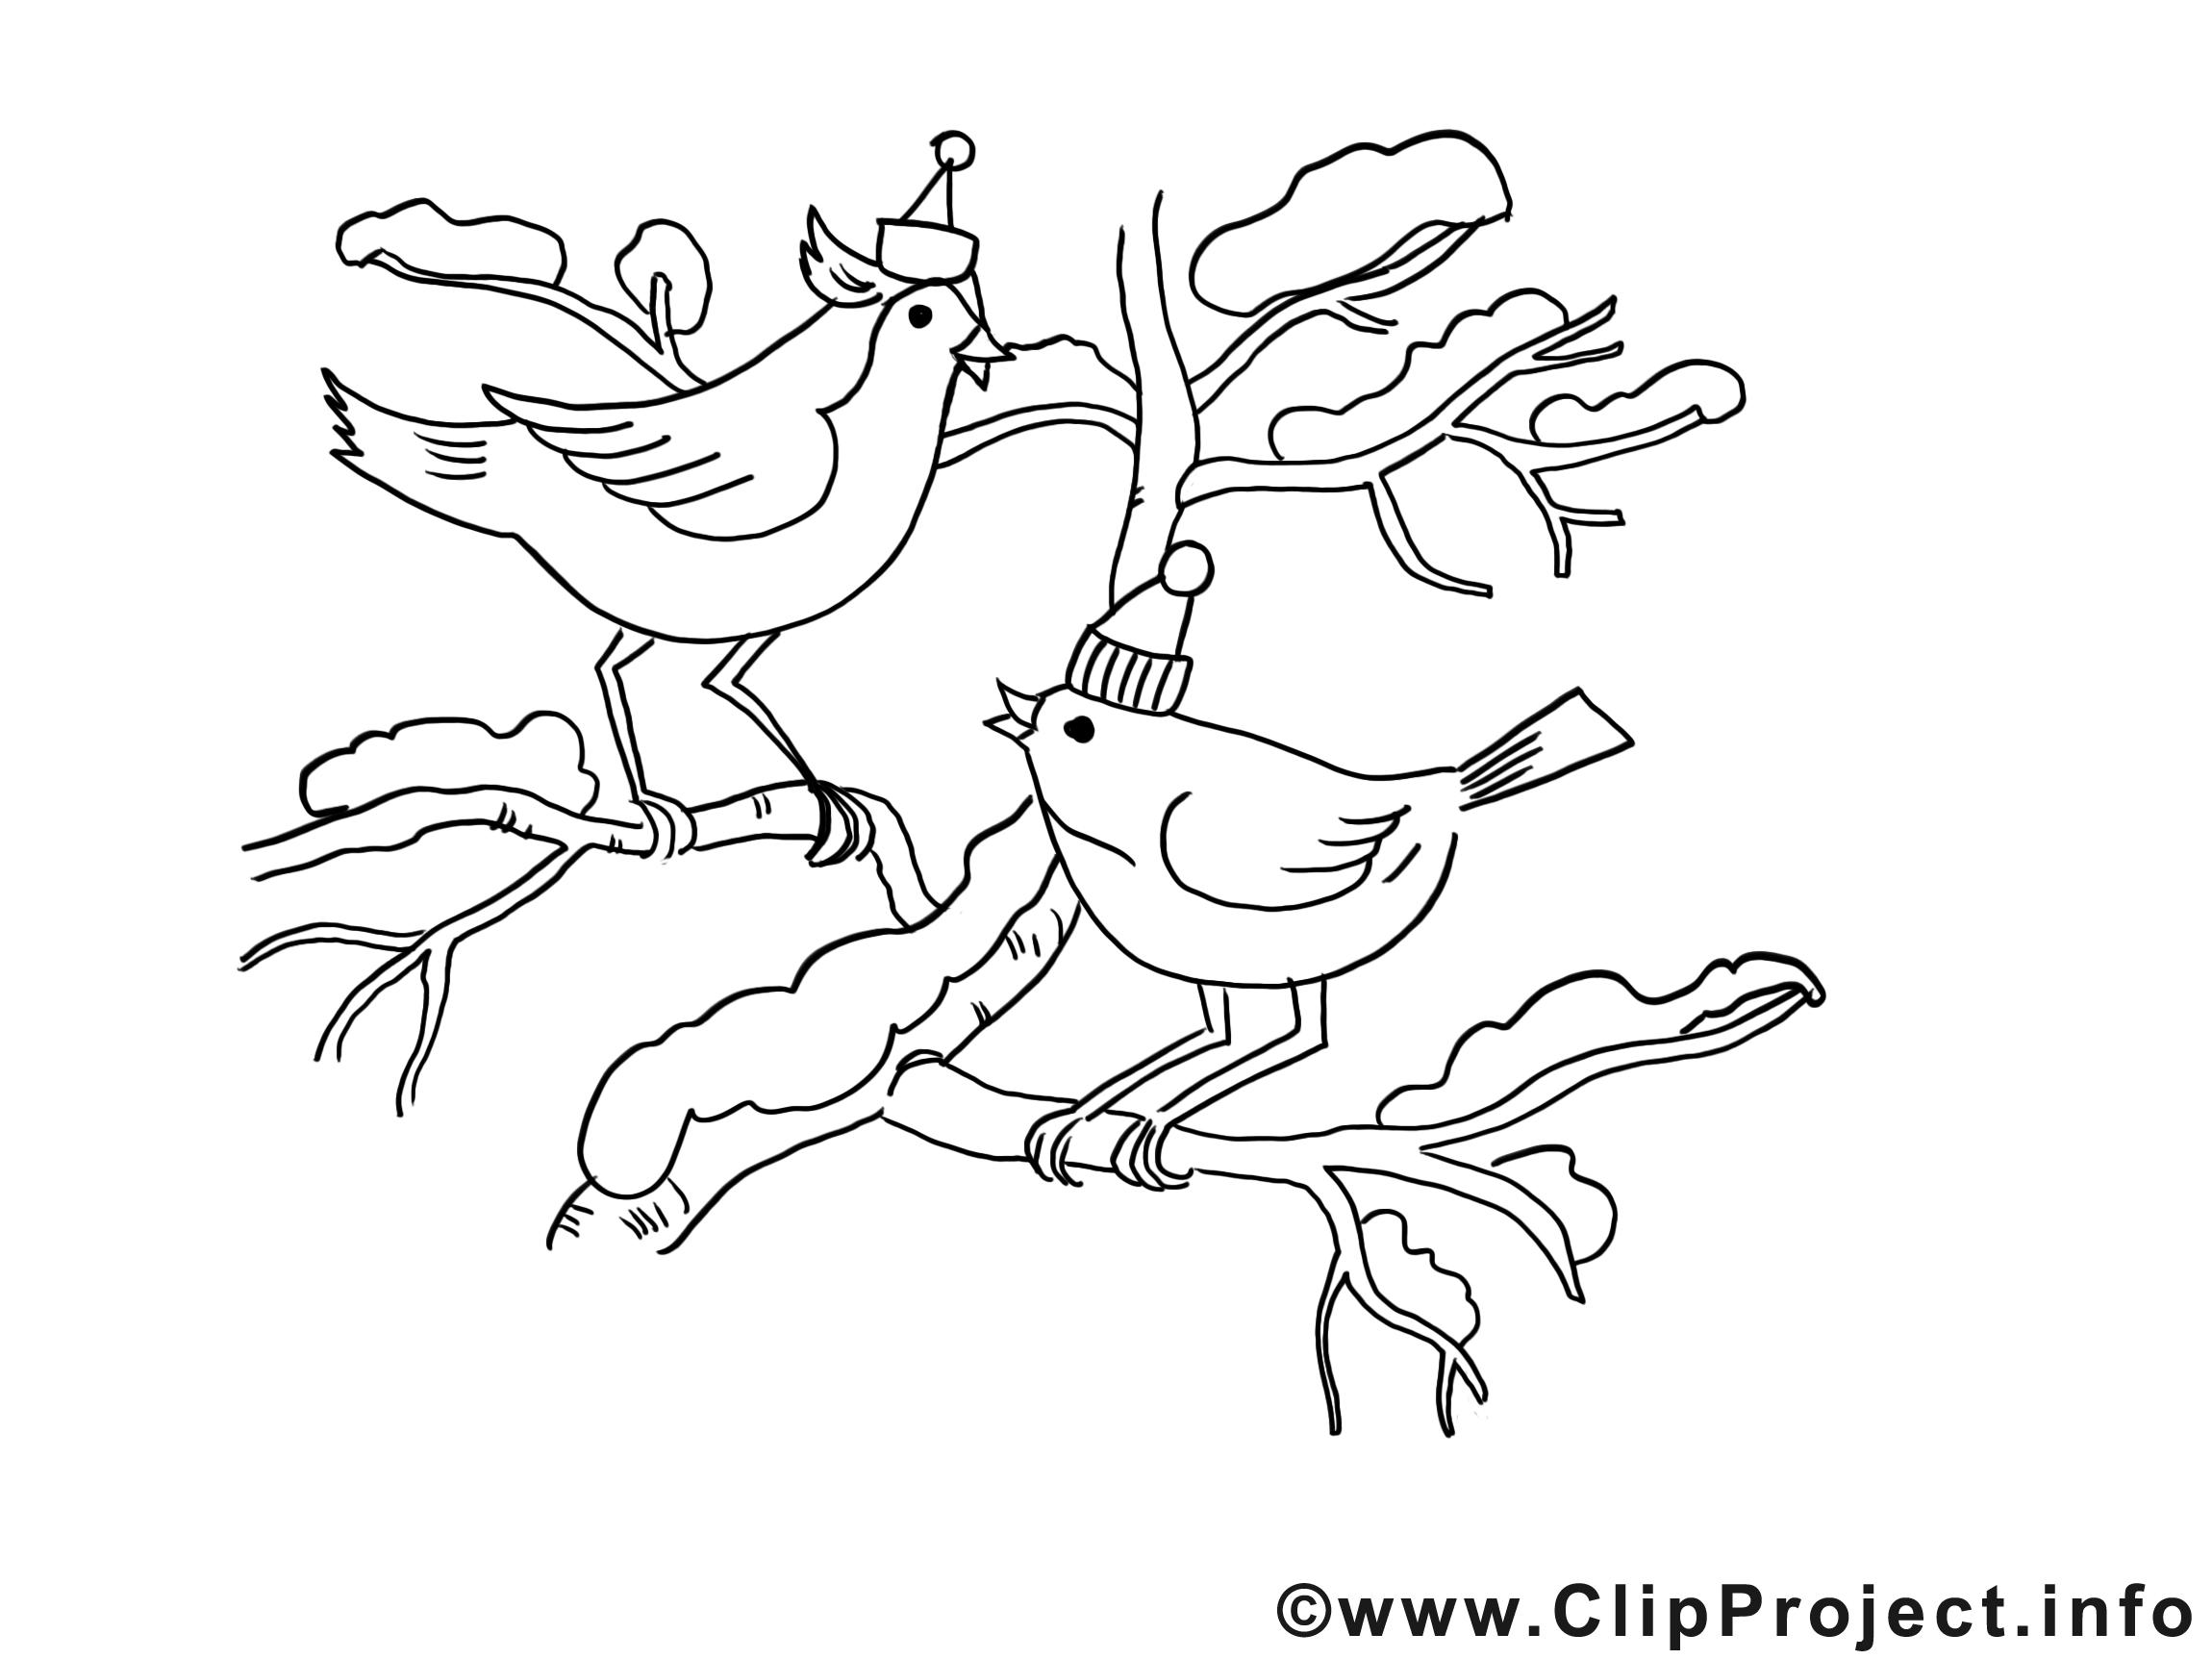 Oiseaux dessin coloriage no l t l charger no l coloriages dessin picture image graphic - Dessin a telecharger ...